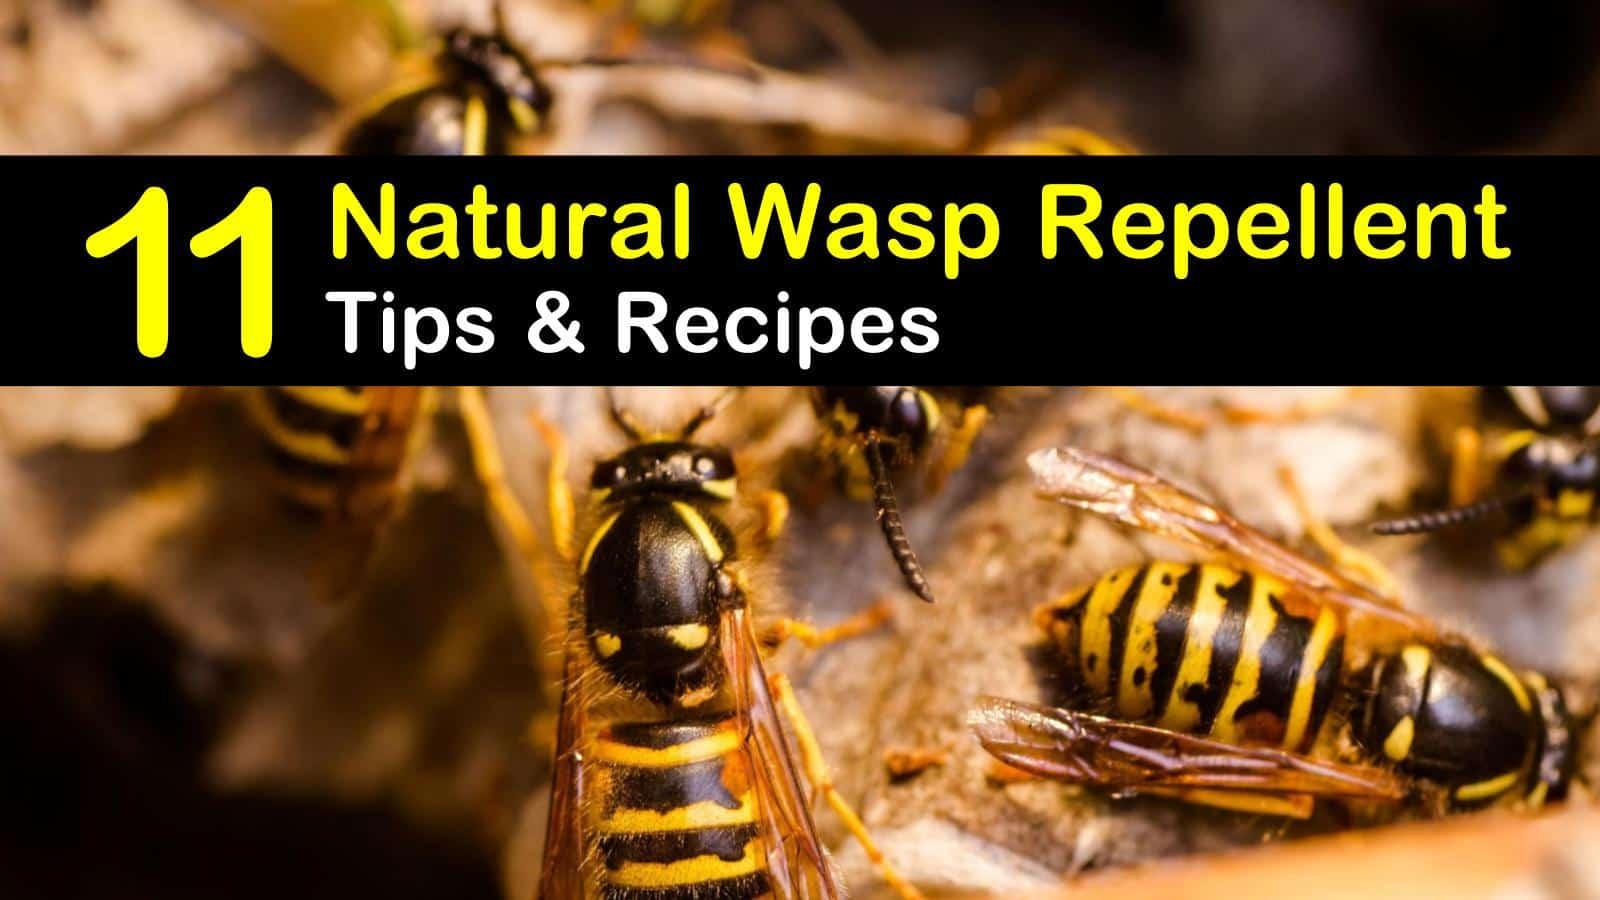 natural wasp repellent titleimg1